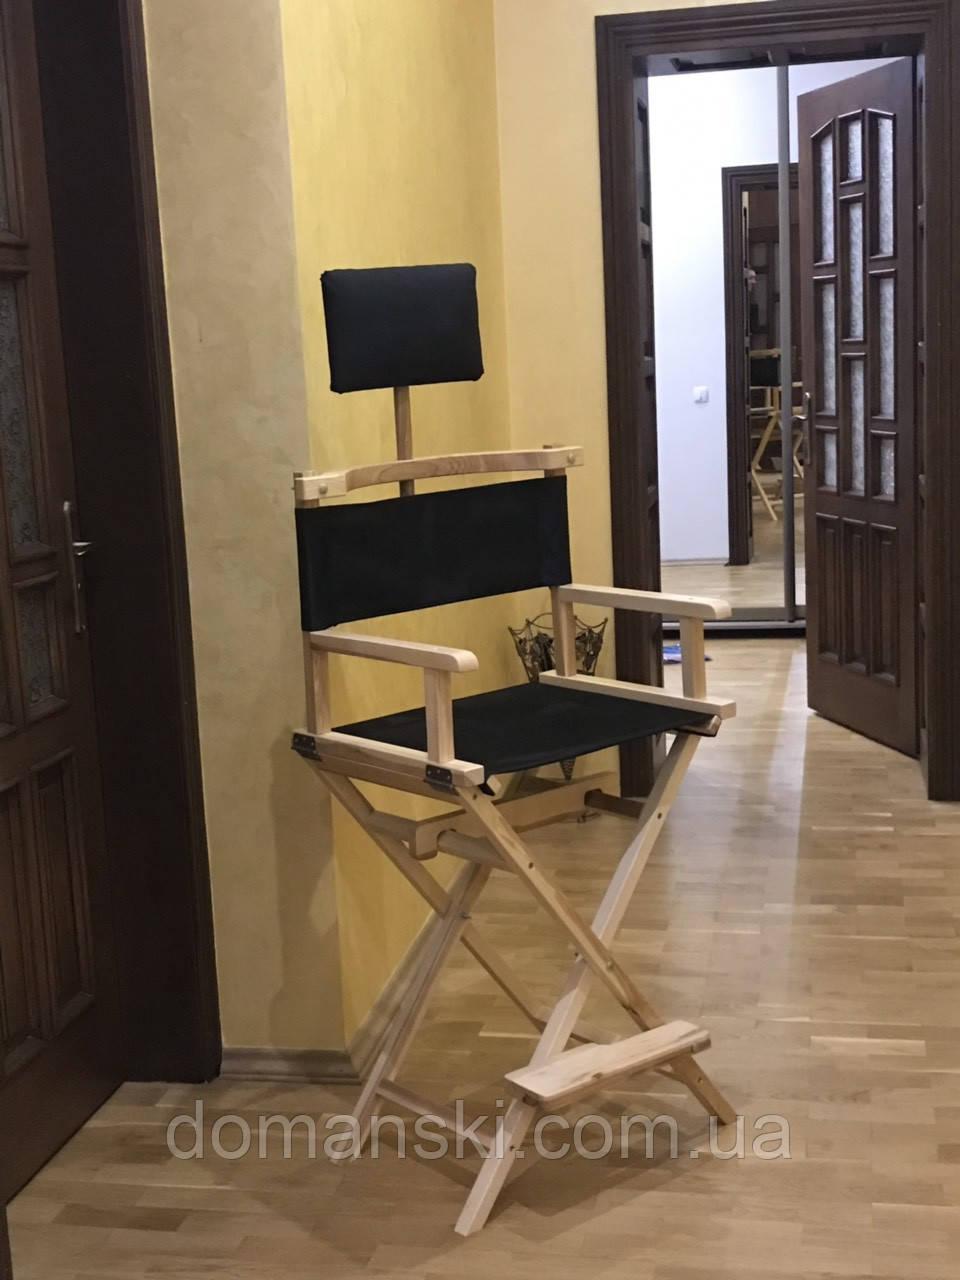 Стул для макияжа с подголовником, для визажиста. Режиссёрское кресло. Складной, деревянный.